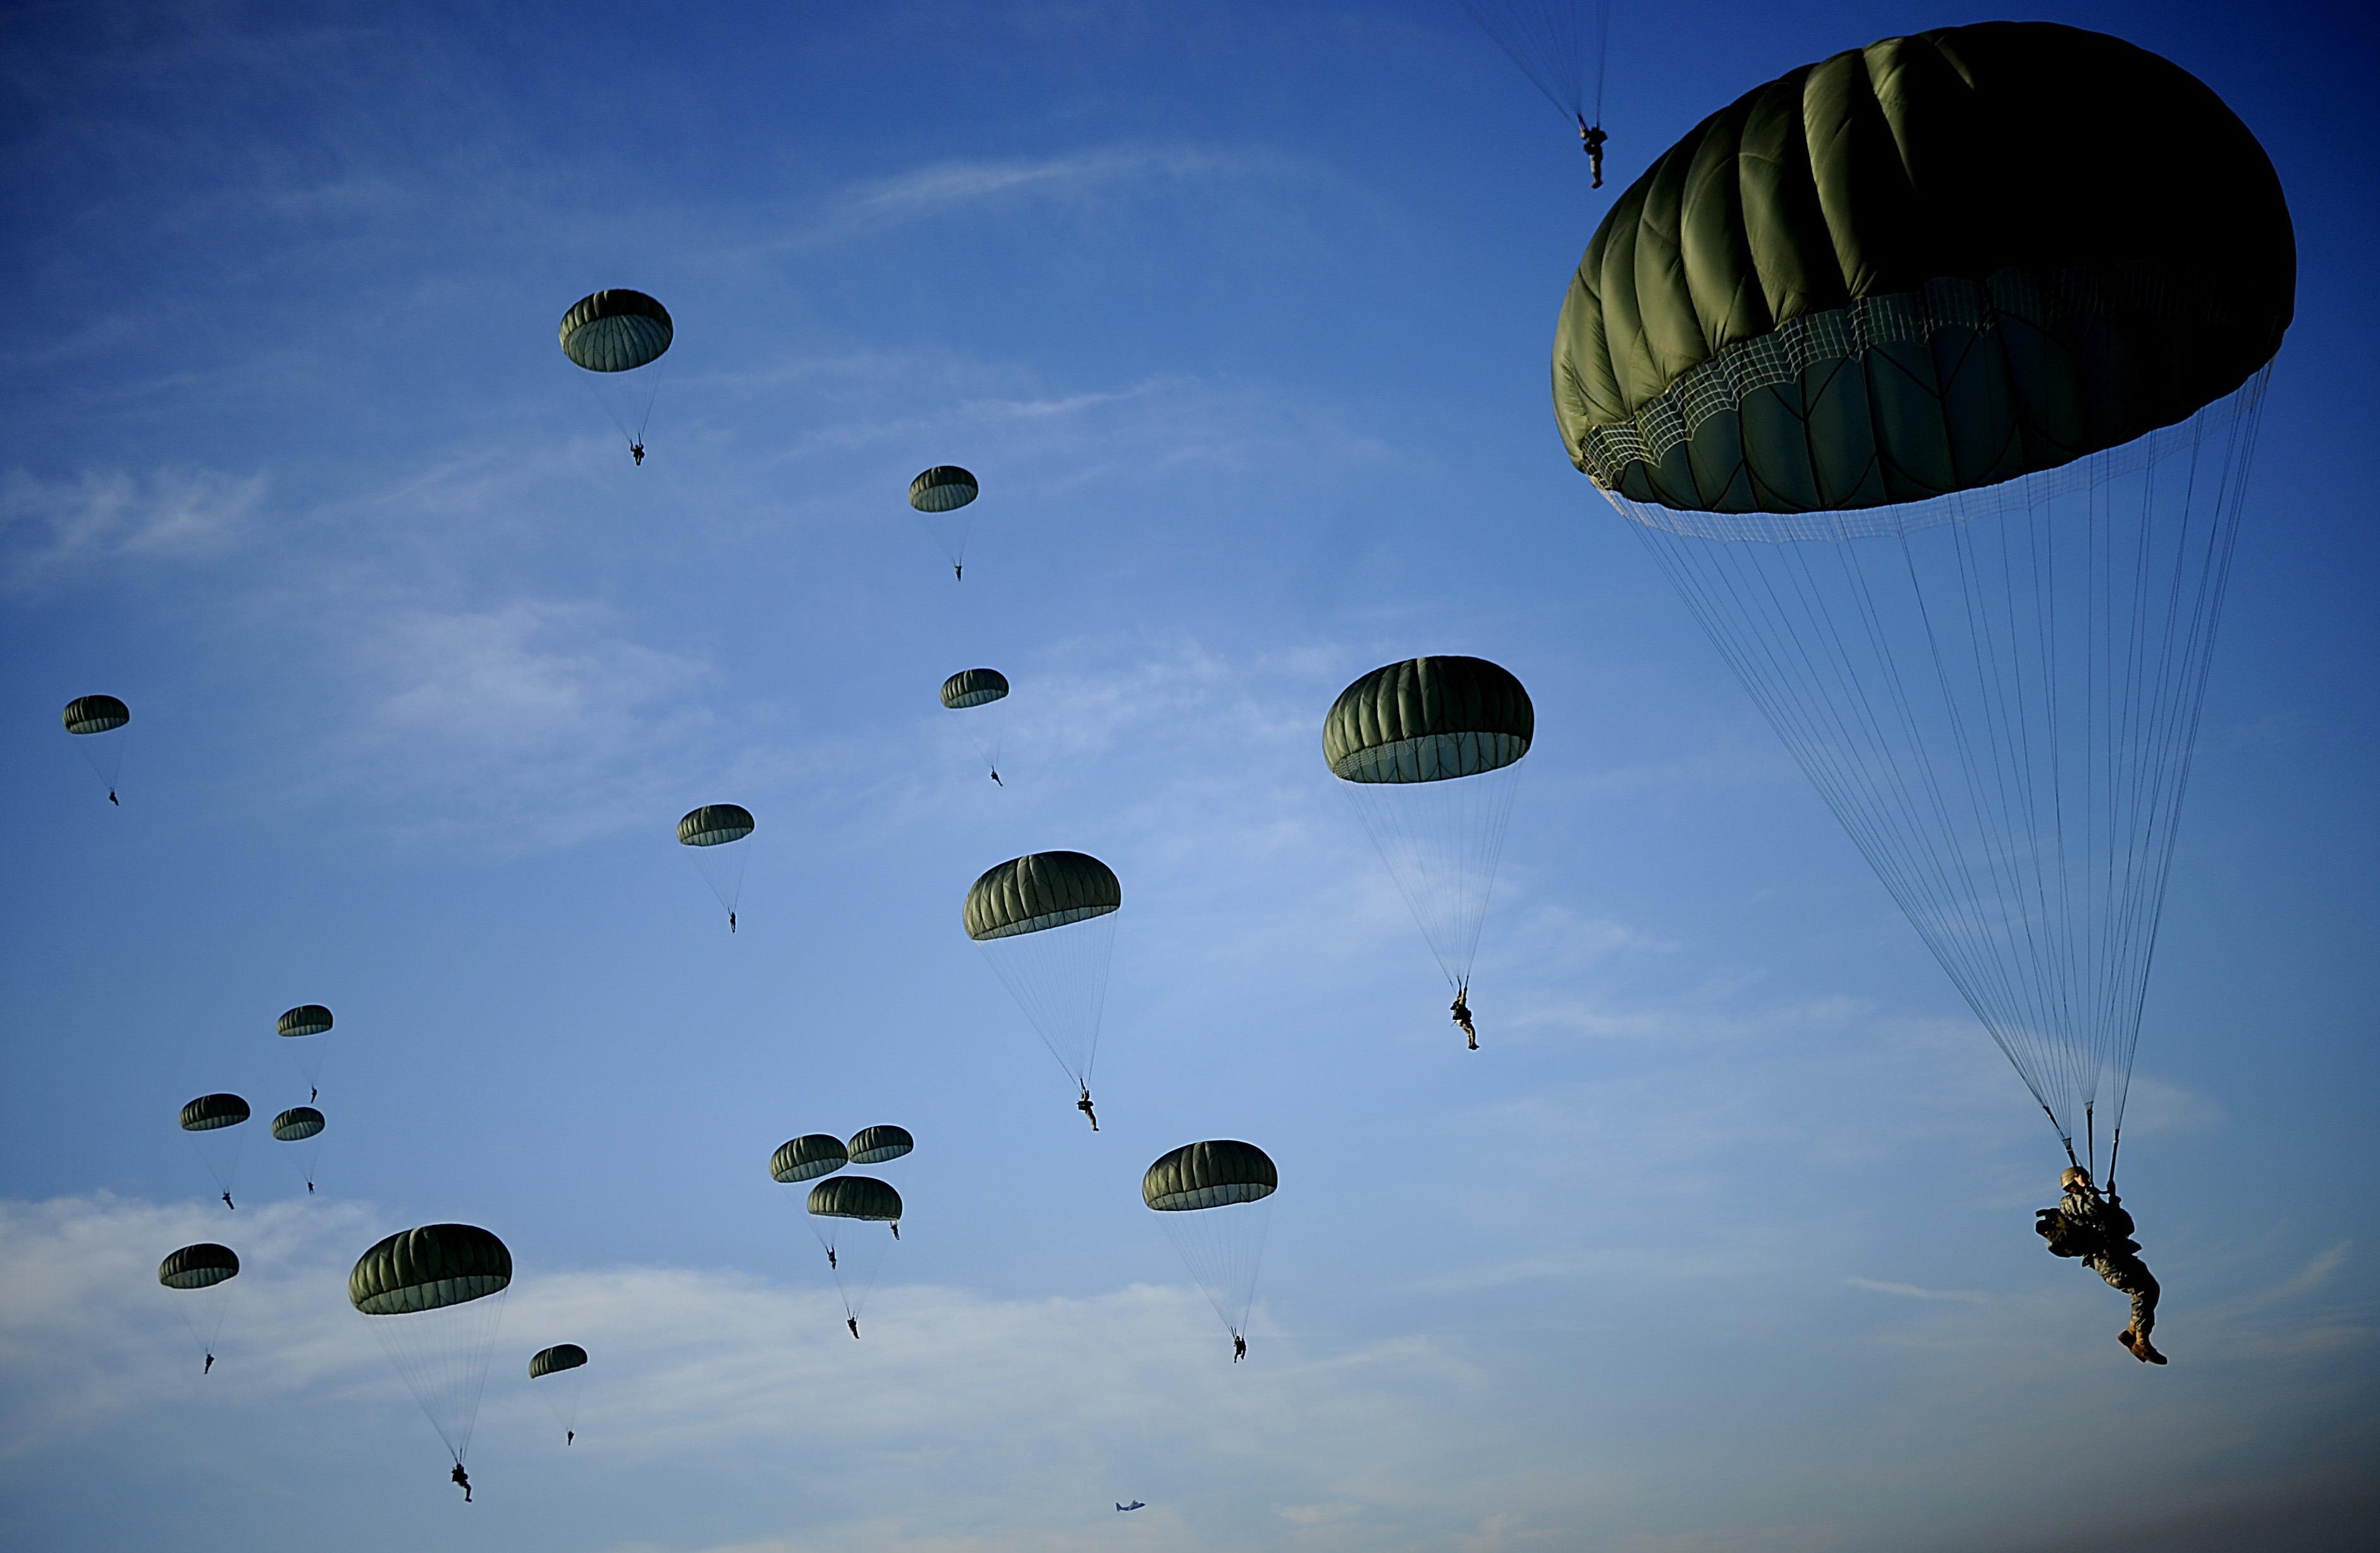 плановые картинка десантники прыжок парашют небо течении целого столетия